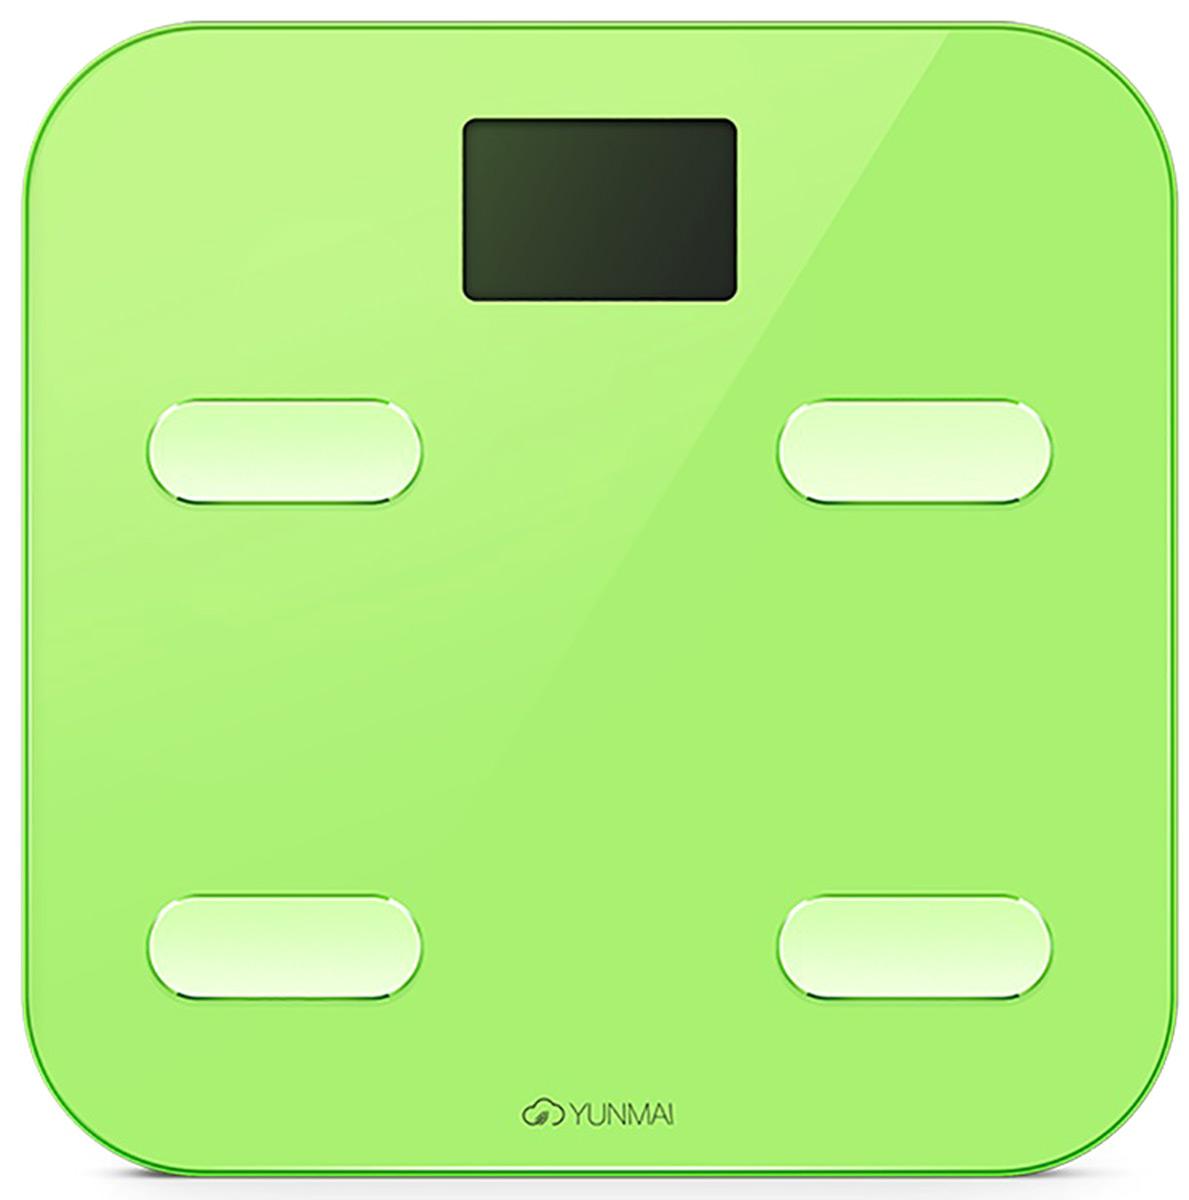 цена Напольные весы Yunmai Color, Green онлайн в 2017 году